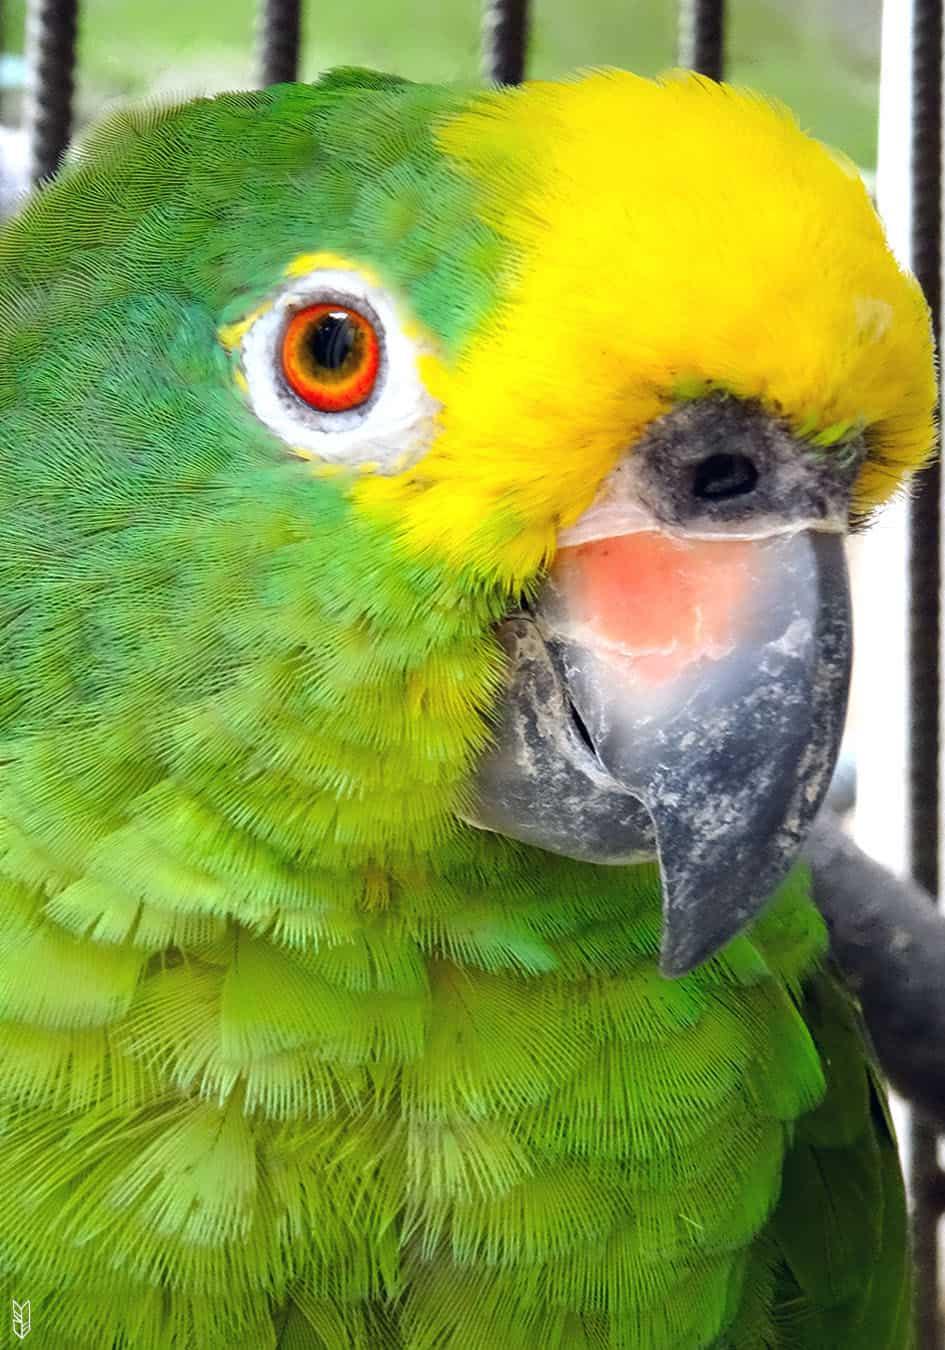 le perroquet de la maison - Venezuela